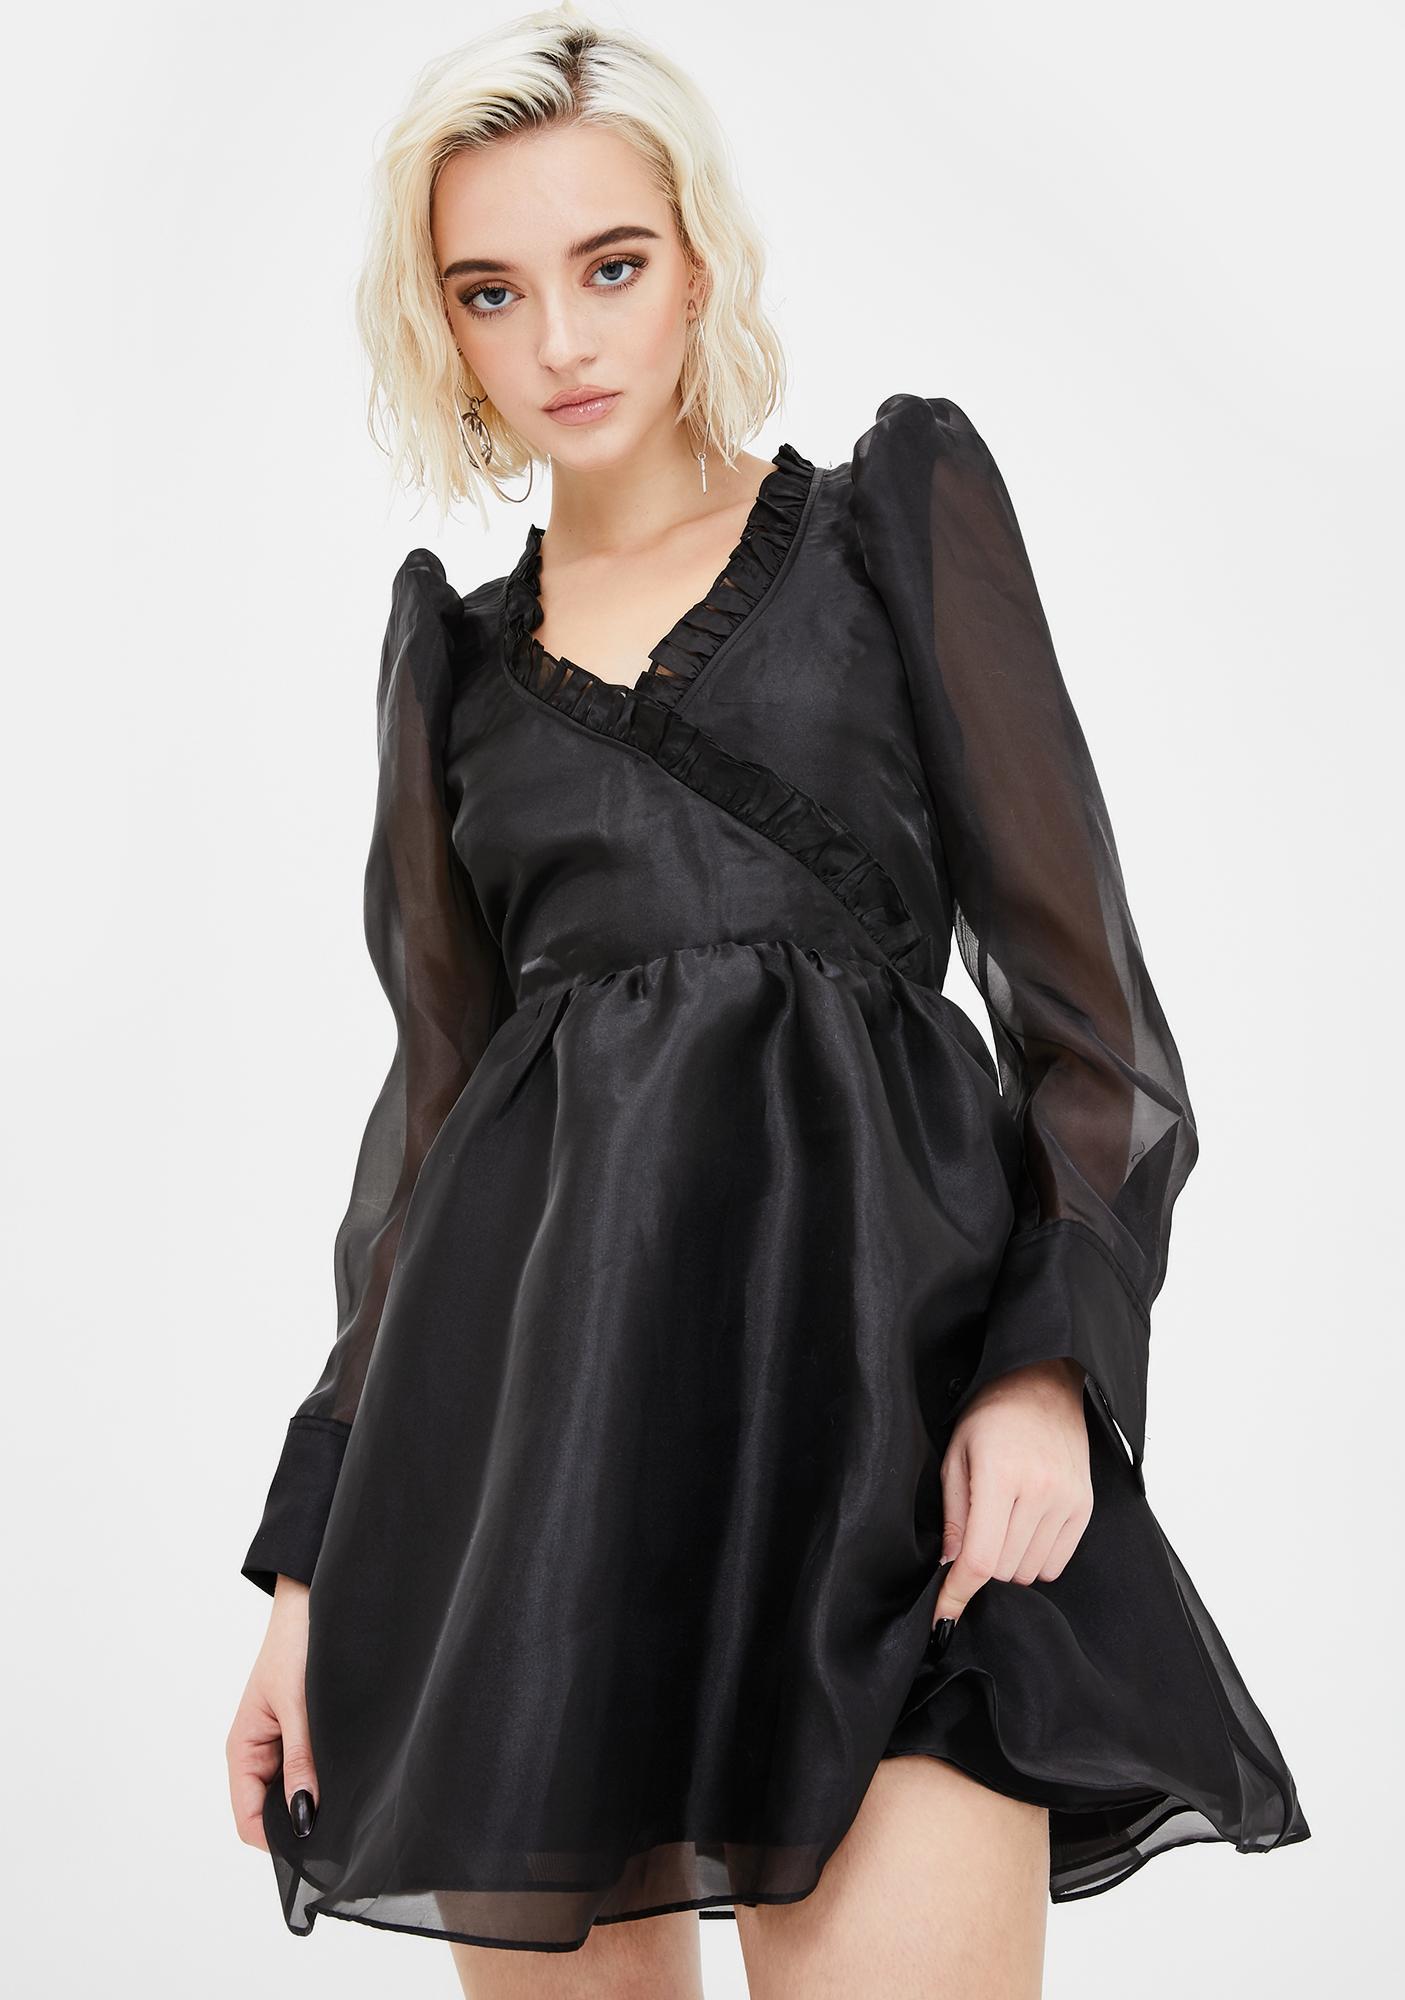 Selkie Dark Angel Delight Puff Dress